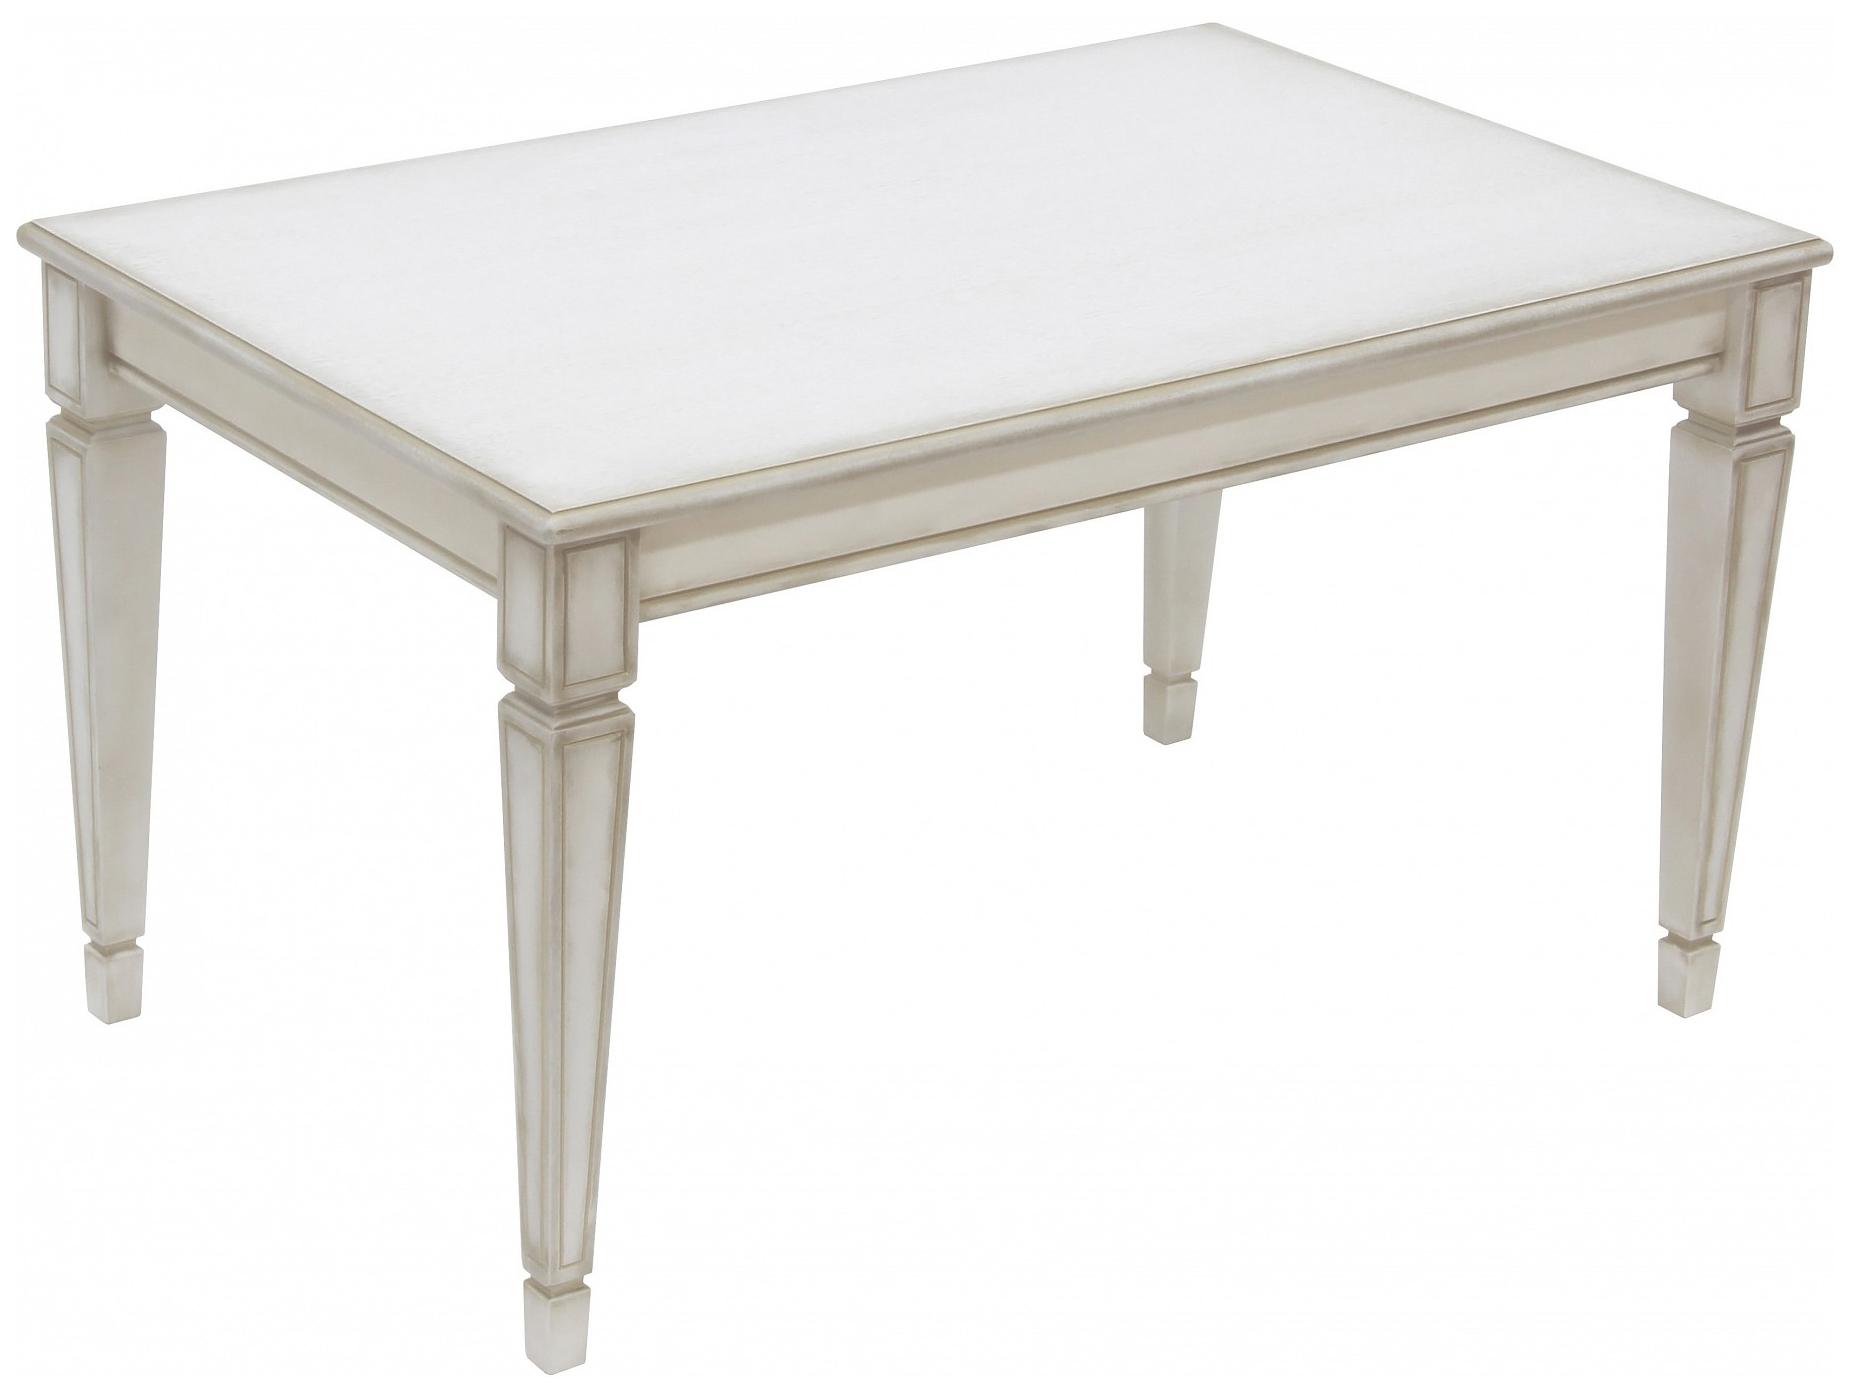 Журнальный столик Мебелик Васко В 81С В 81С 92х58х52 см, белый ясень/золото